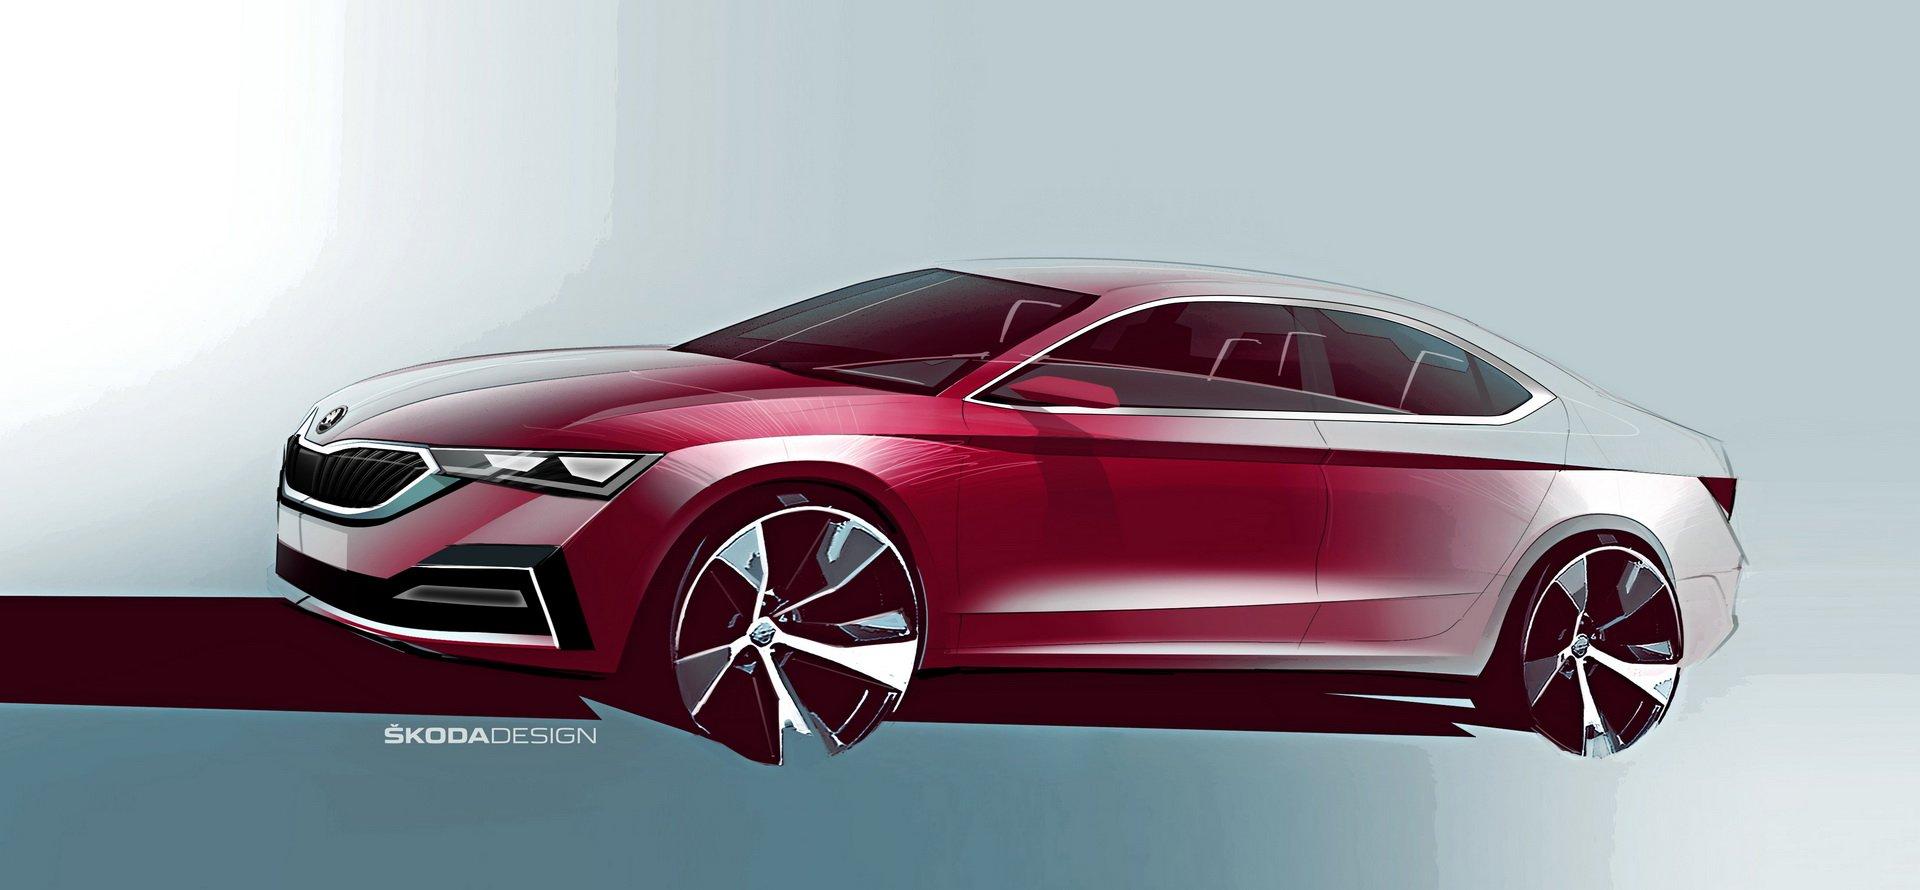 Novo Skoda Octavia vai chegar em 2020 e terá uma silhueta de coupé